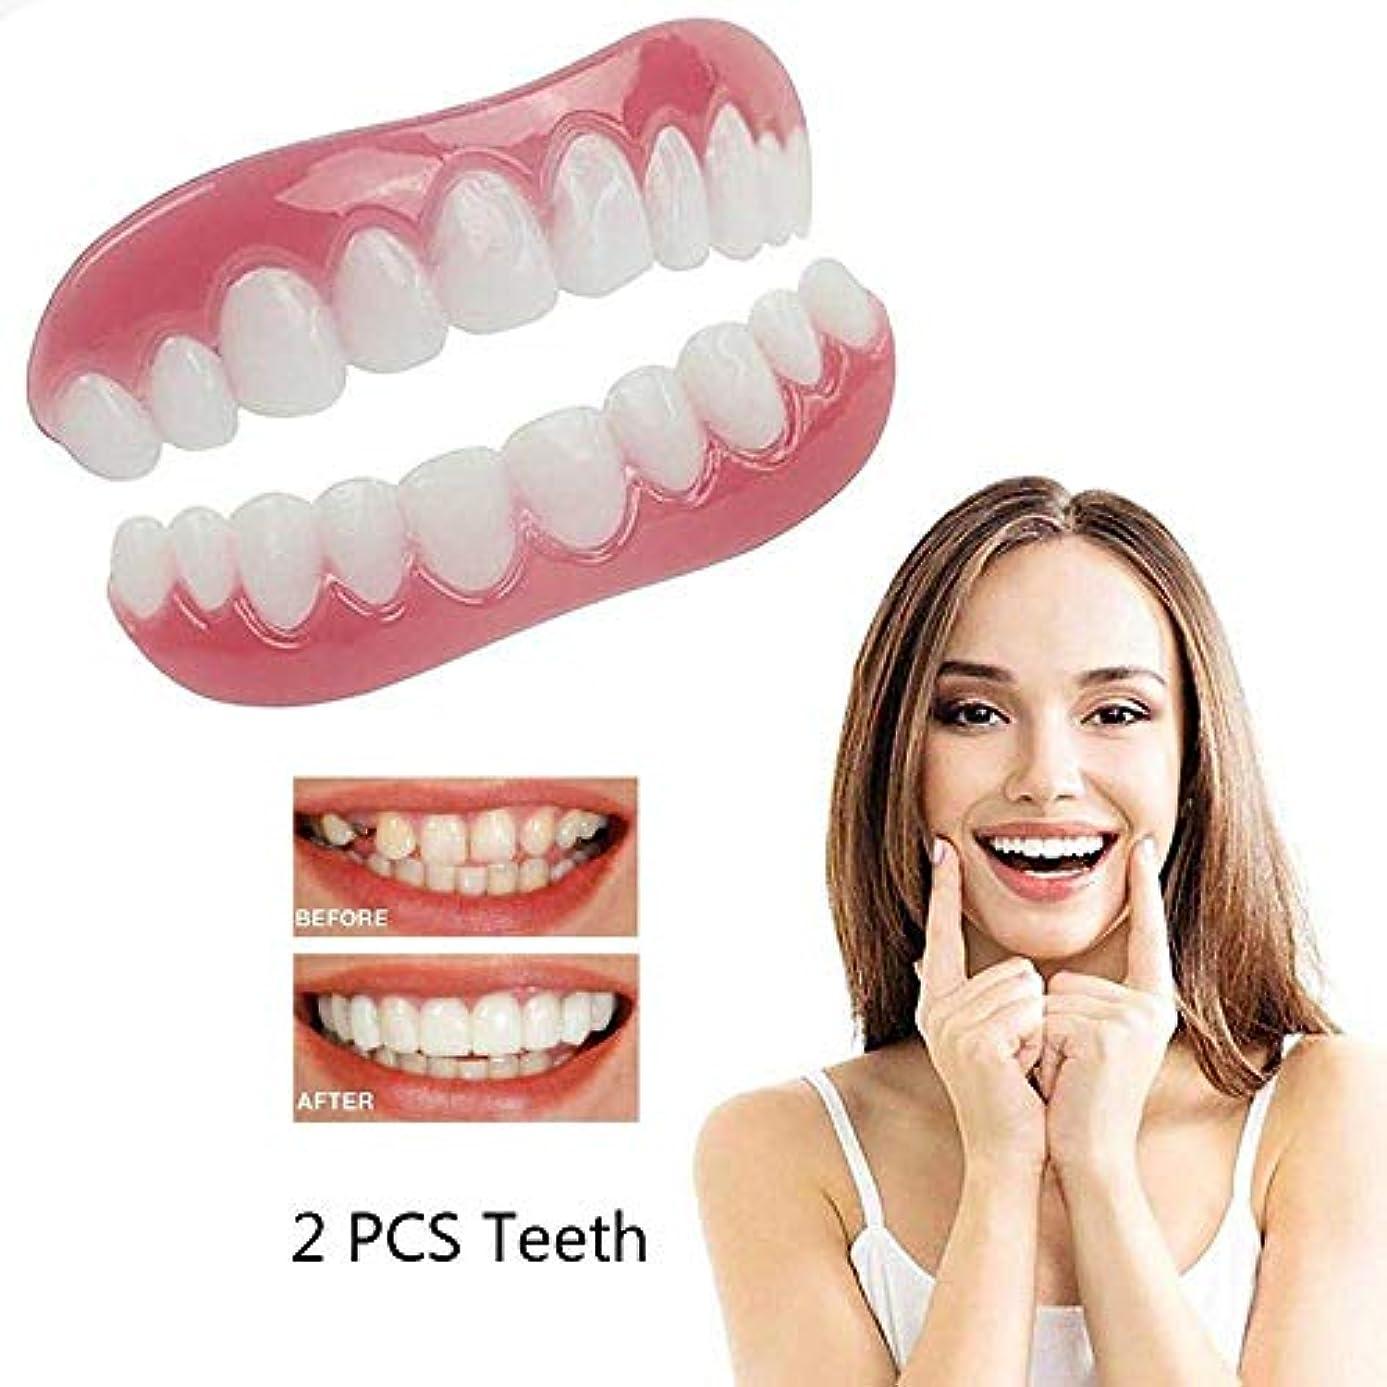 浸食抽選フィクション化粧品の歯のホワイトニングパーフェクトフィットスナップオンスマイルトップとボトムの偽歯インスタントプロテーゼスマイルコンフォートフィットフレックスオーラルケア